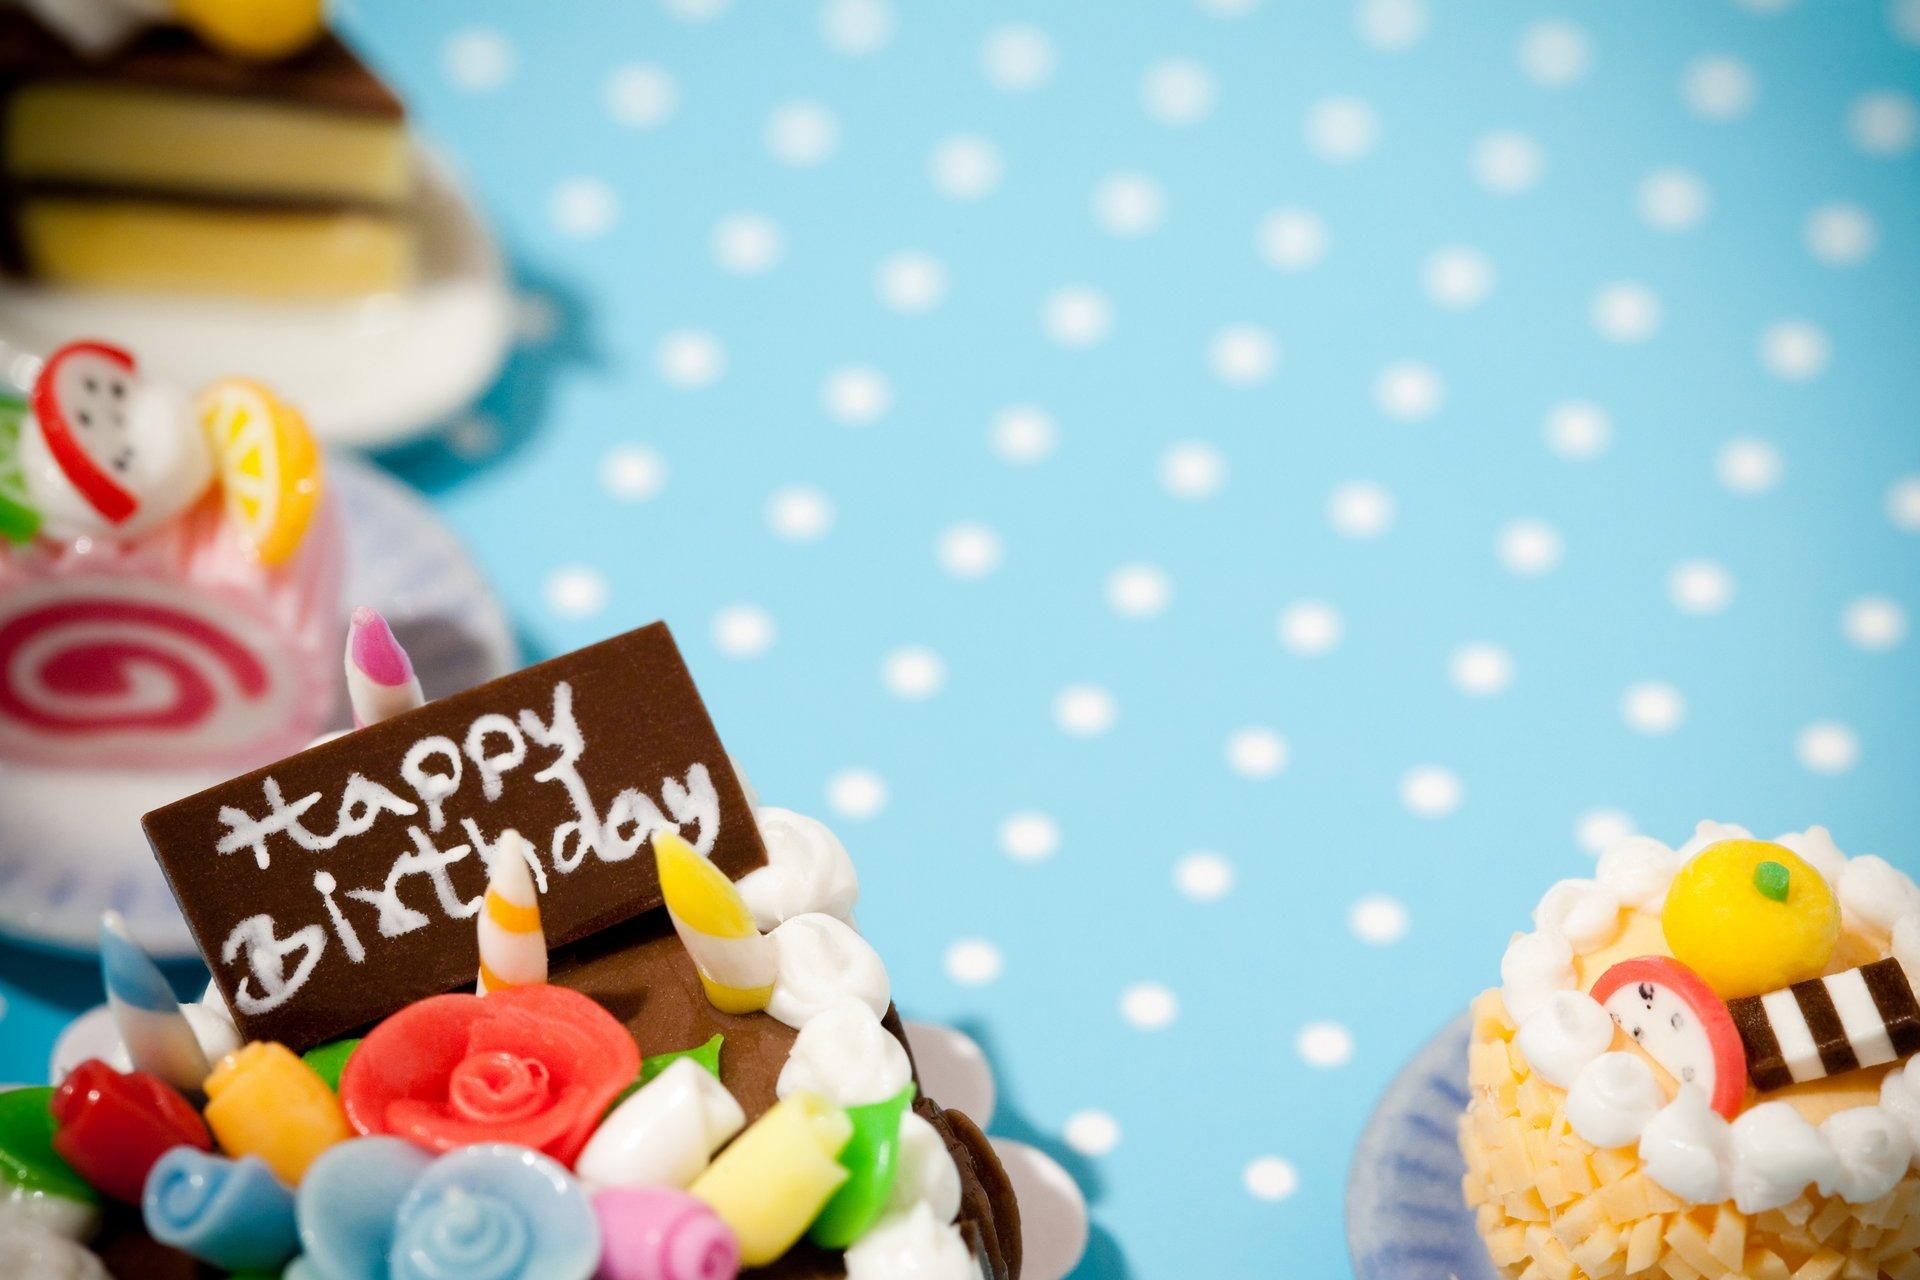 хорошо фон для поздравления торт главное преимущество наличие